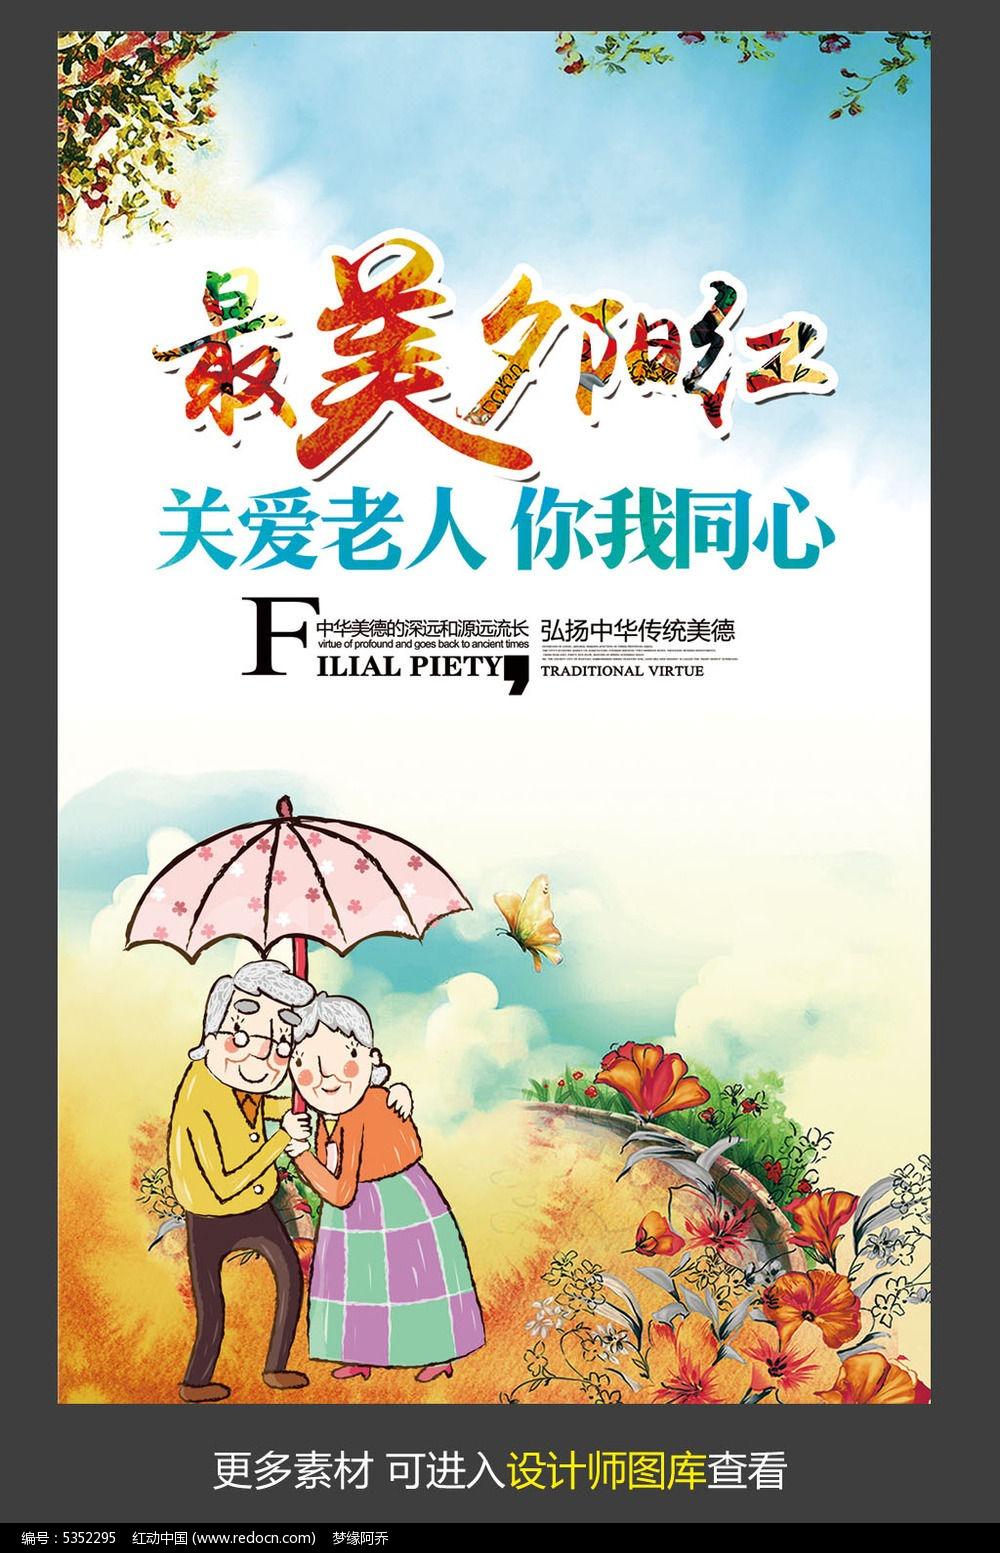 最美夕阳红关爱老人公益活动海报模板PSD素材下载 编号5352295 红图片